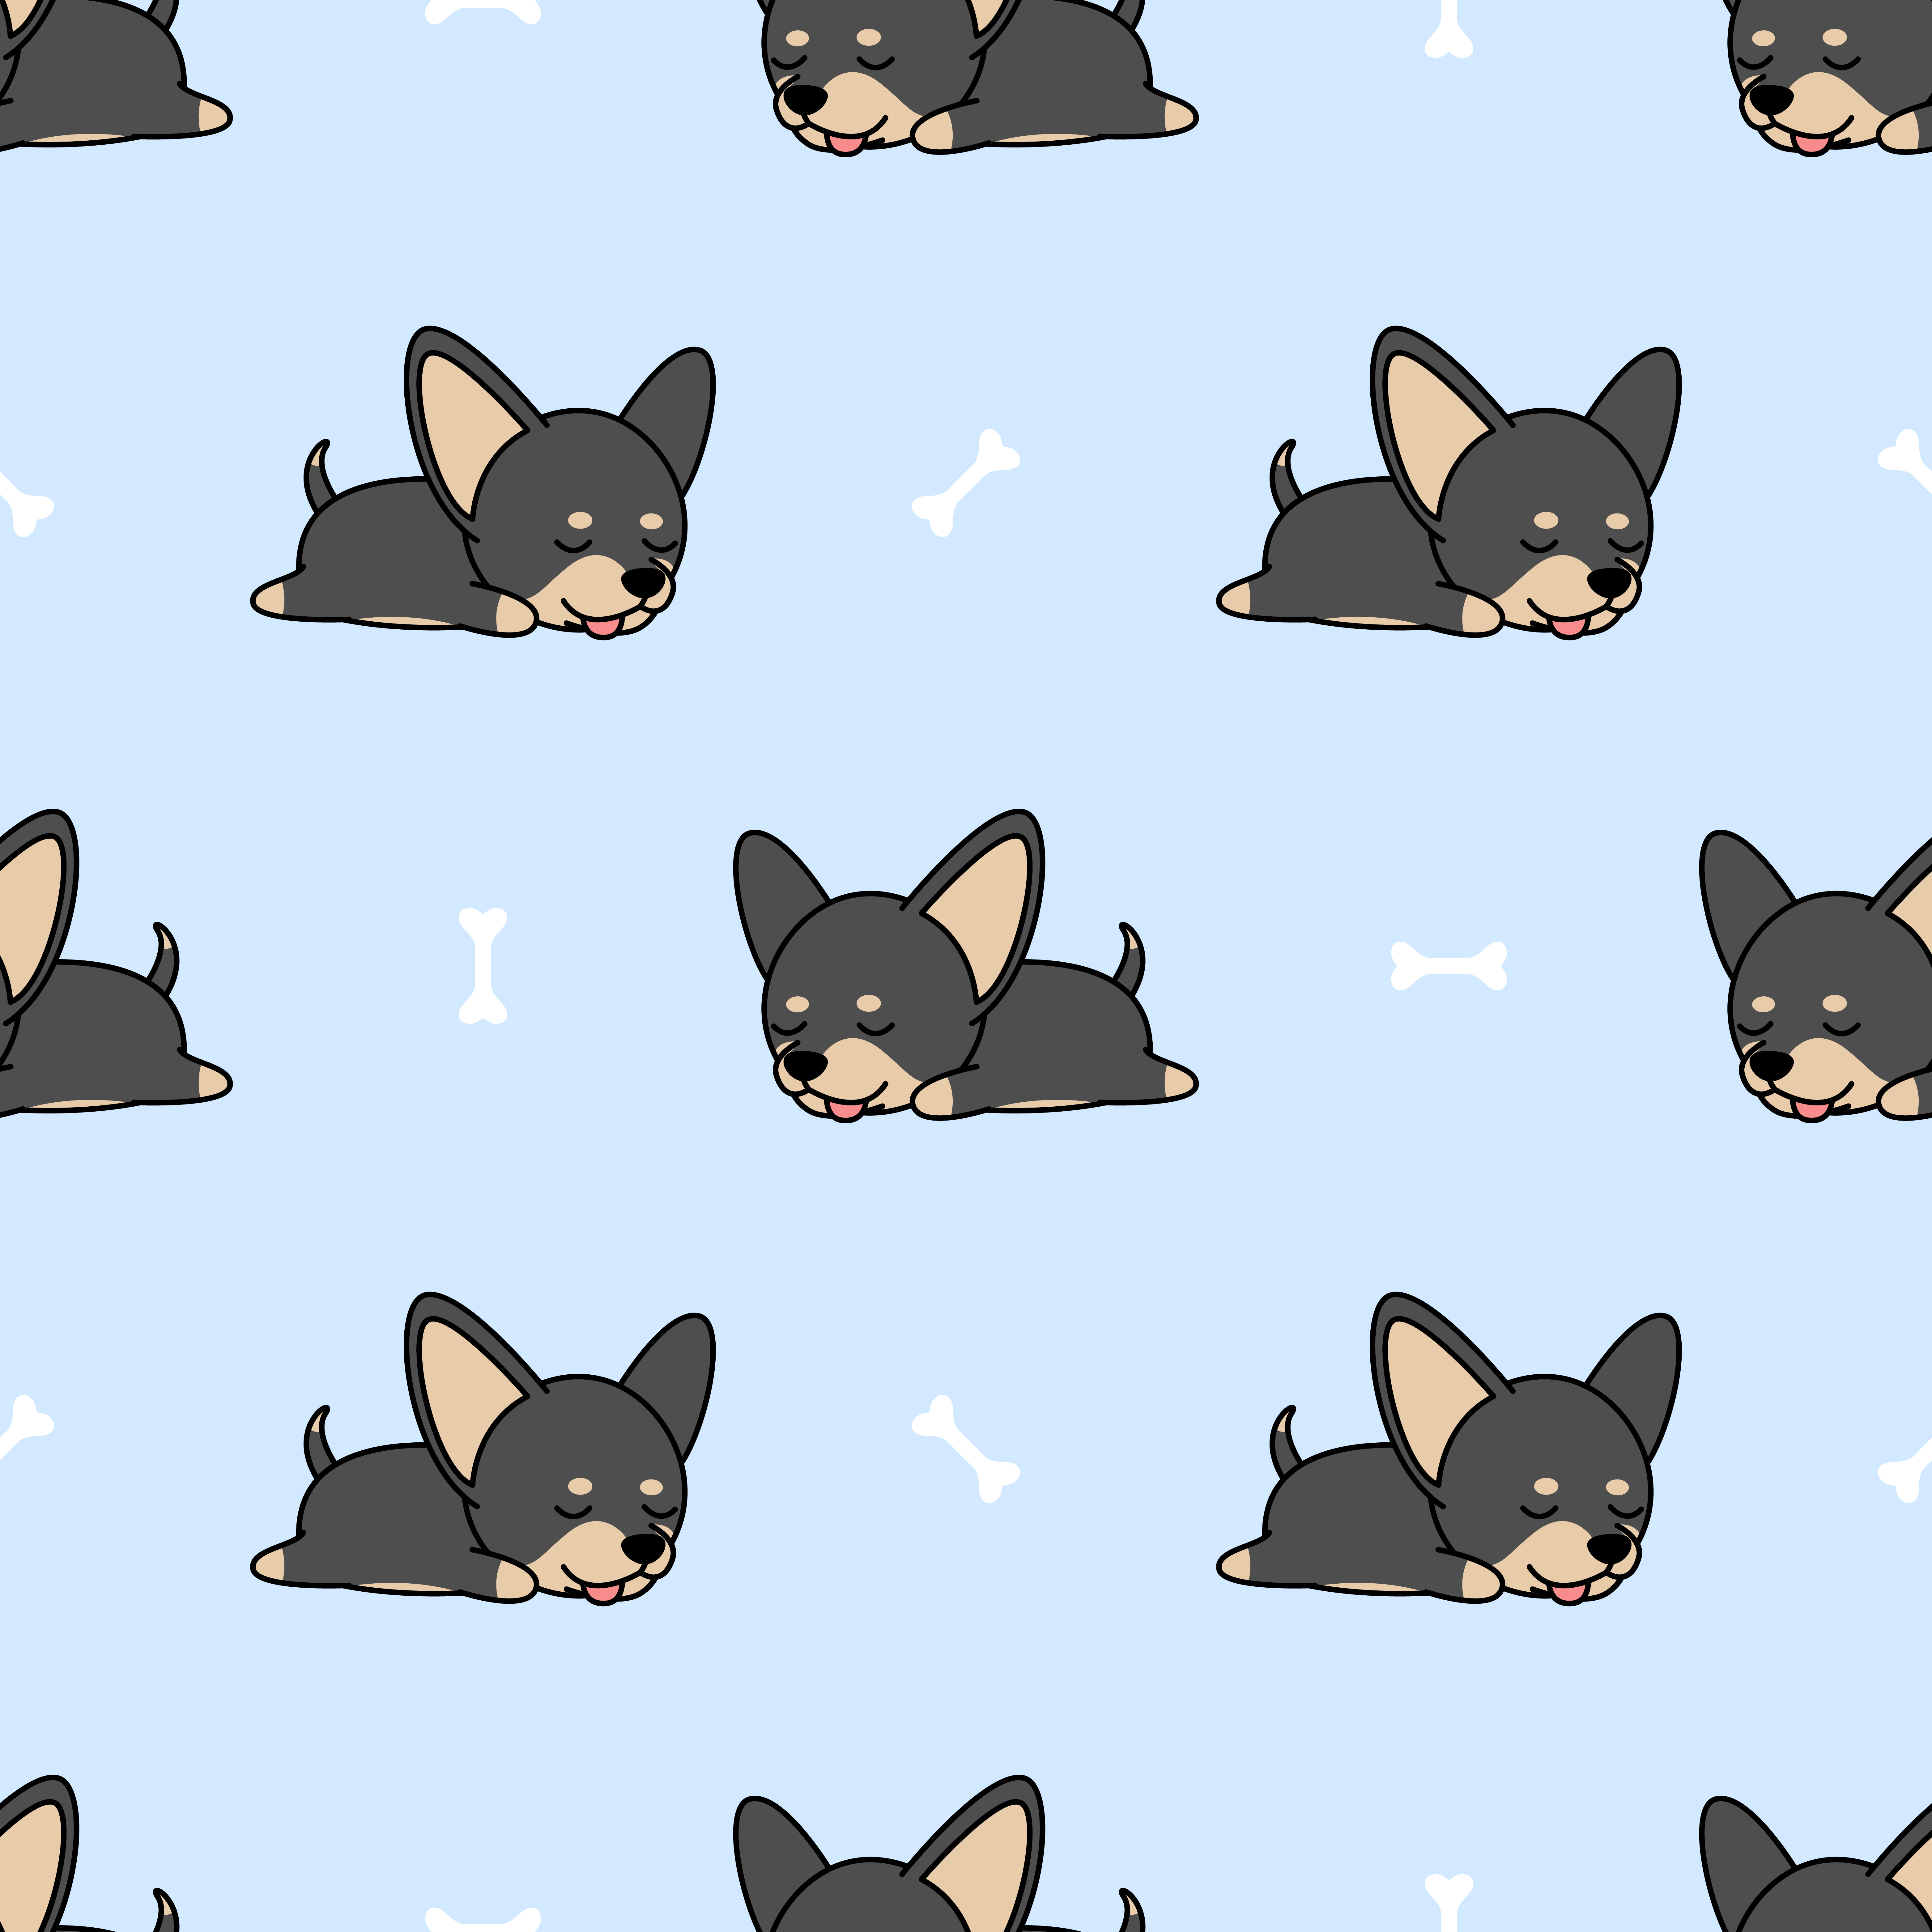 Cute Chihuahua Dog Sleeping Seamless Pattern